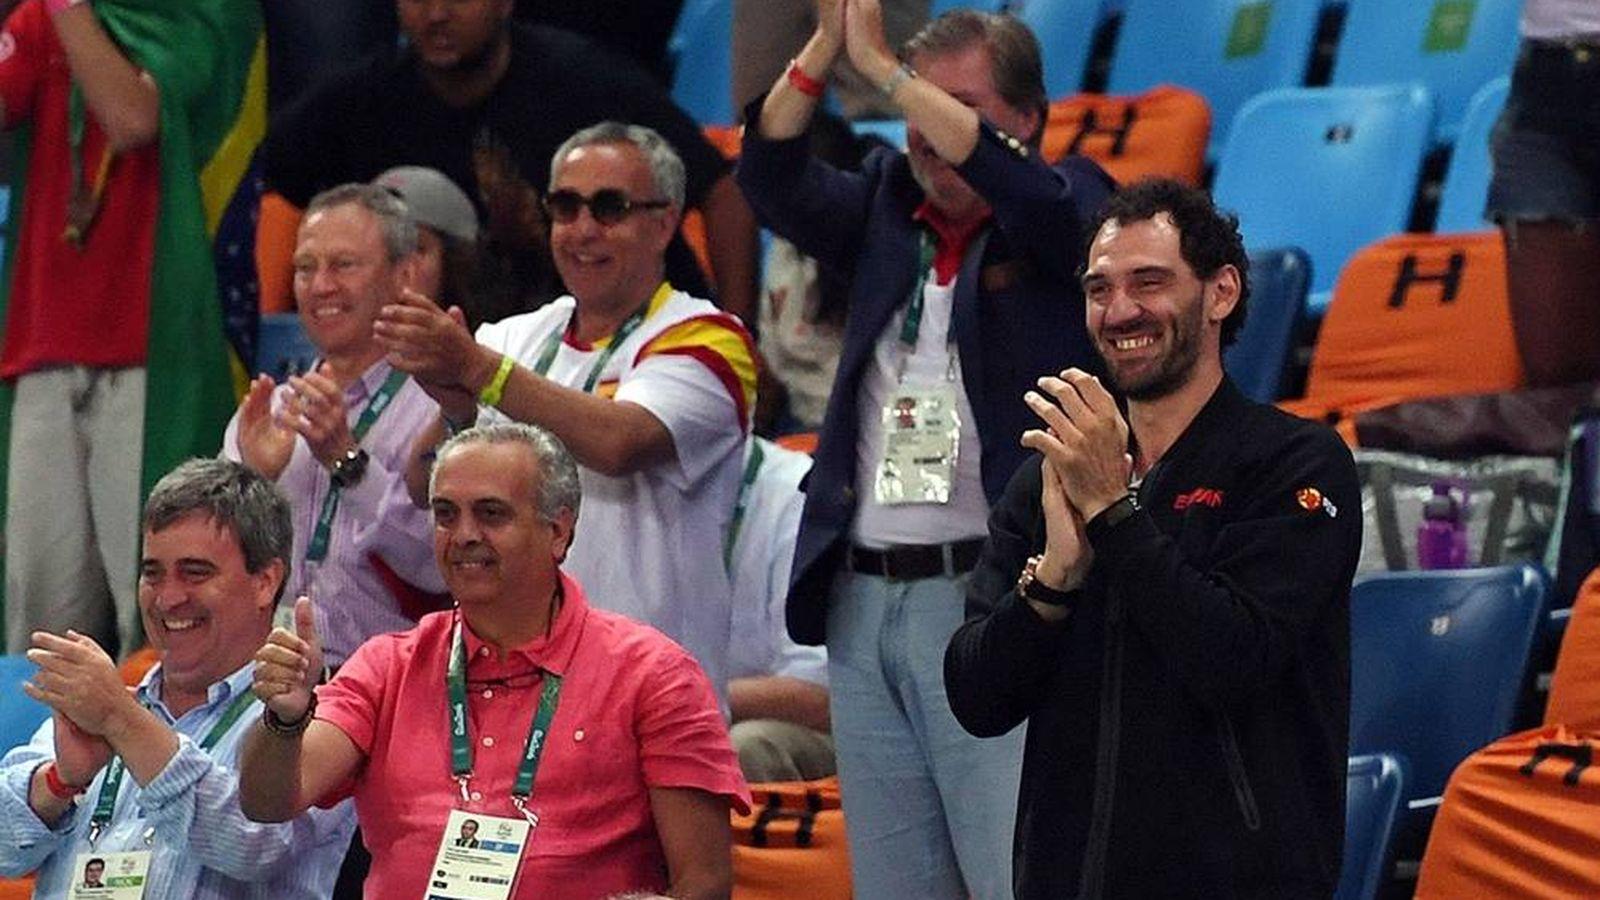 Foto: Sáez, el segundo abajo por la izquierda, junto a Cardenal, Garbajosa, Blanco y Méndez de Vigo. (FEB)